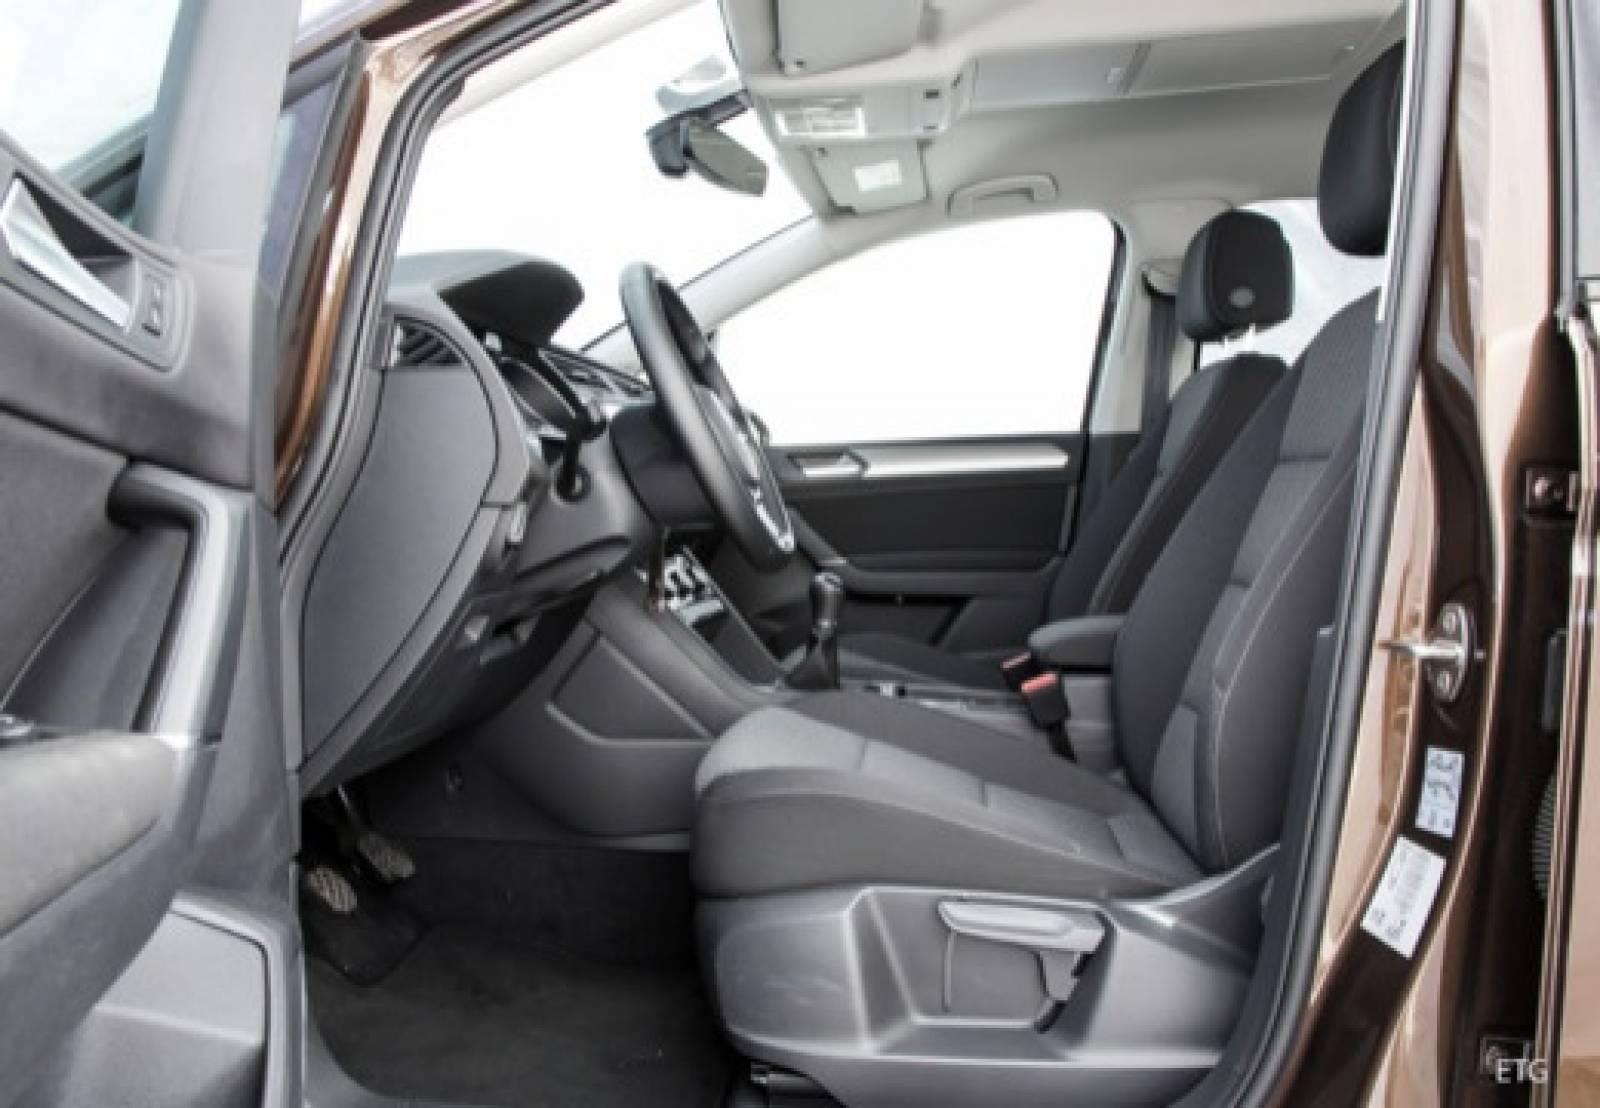 VOLKSWAGEN Touran 2.0 TDI 150 DSG7 7pl - véhicule neuf - LEMAUVIEL AUTOMOBILES - Présentation site web V2 - Lemauviel automobiles - AVRANCHES - 50300 - LE VAL-SAINT-PÈRE - 7